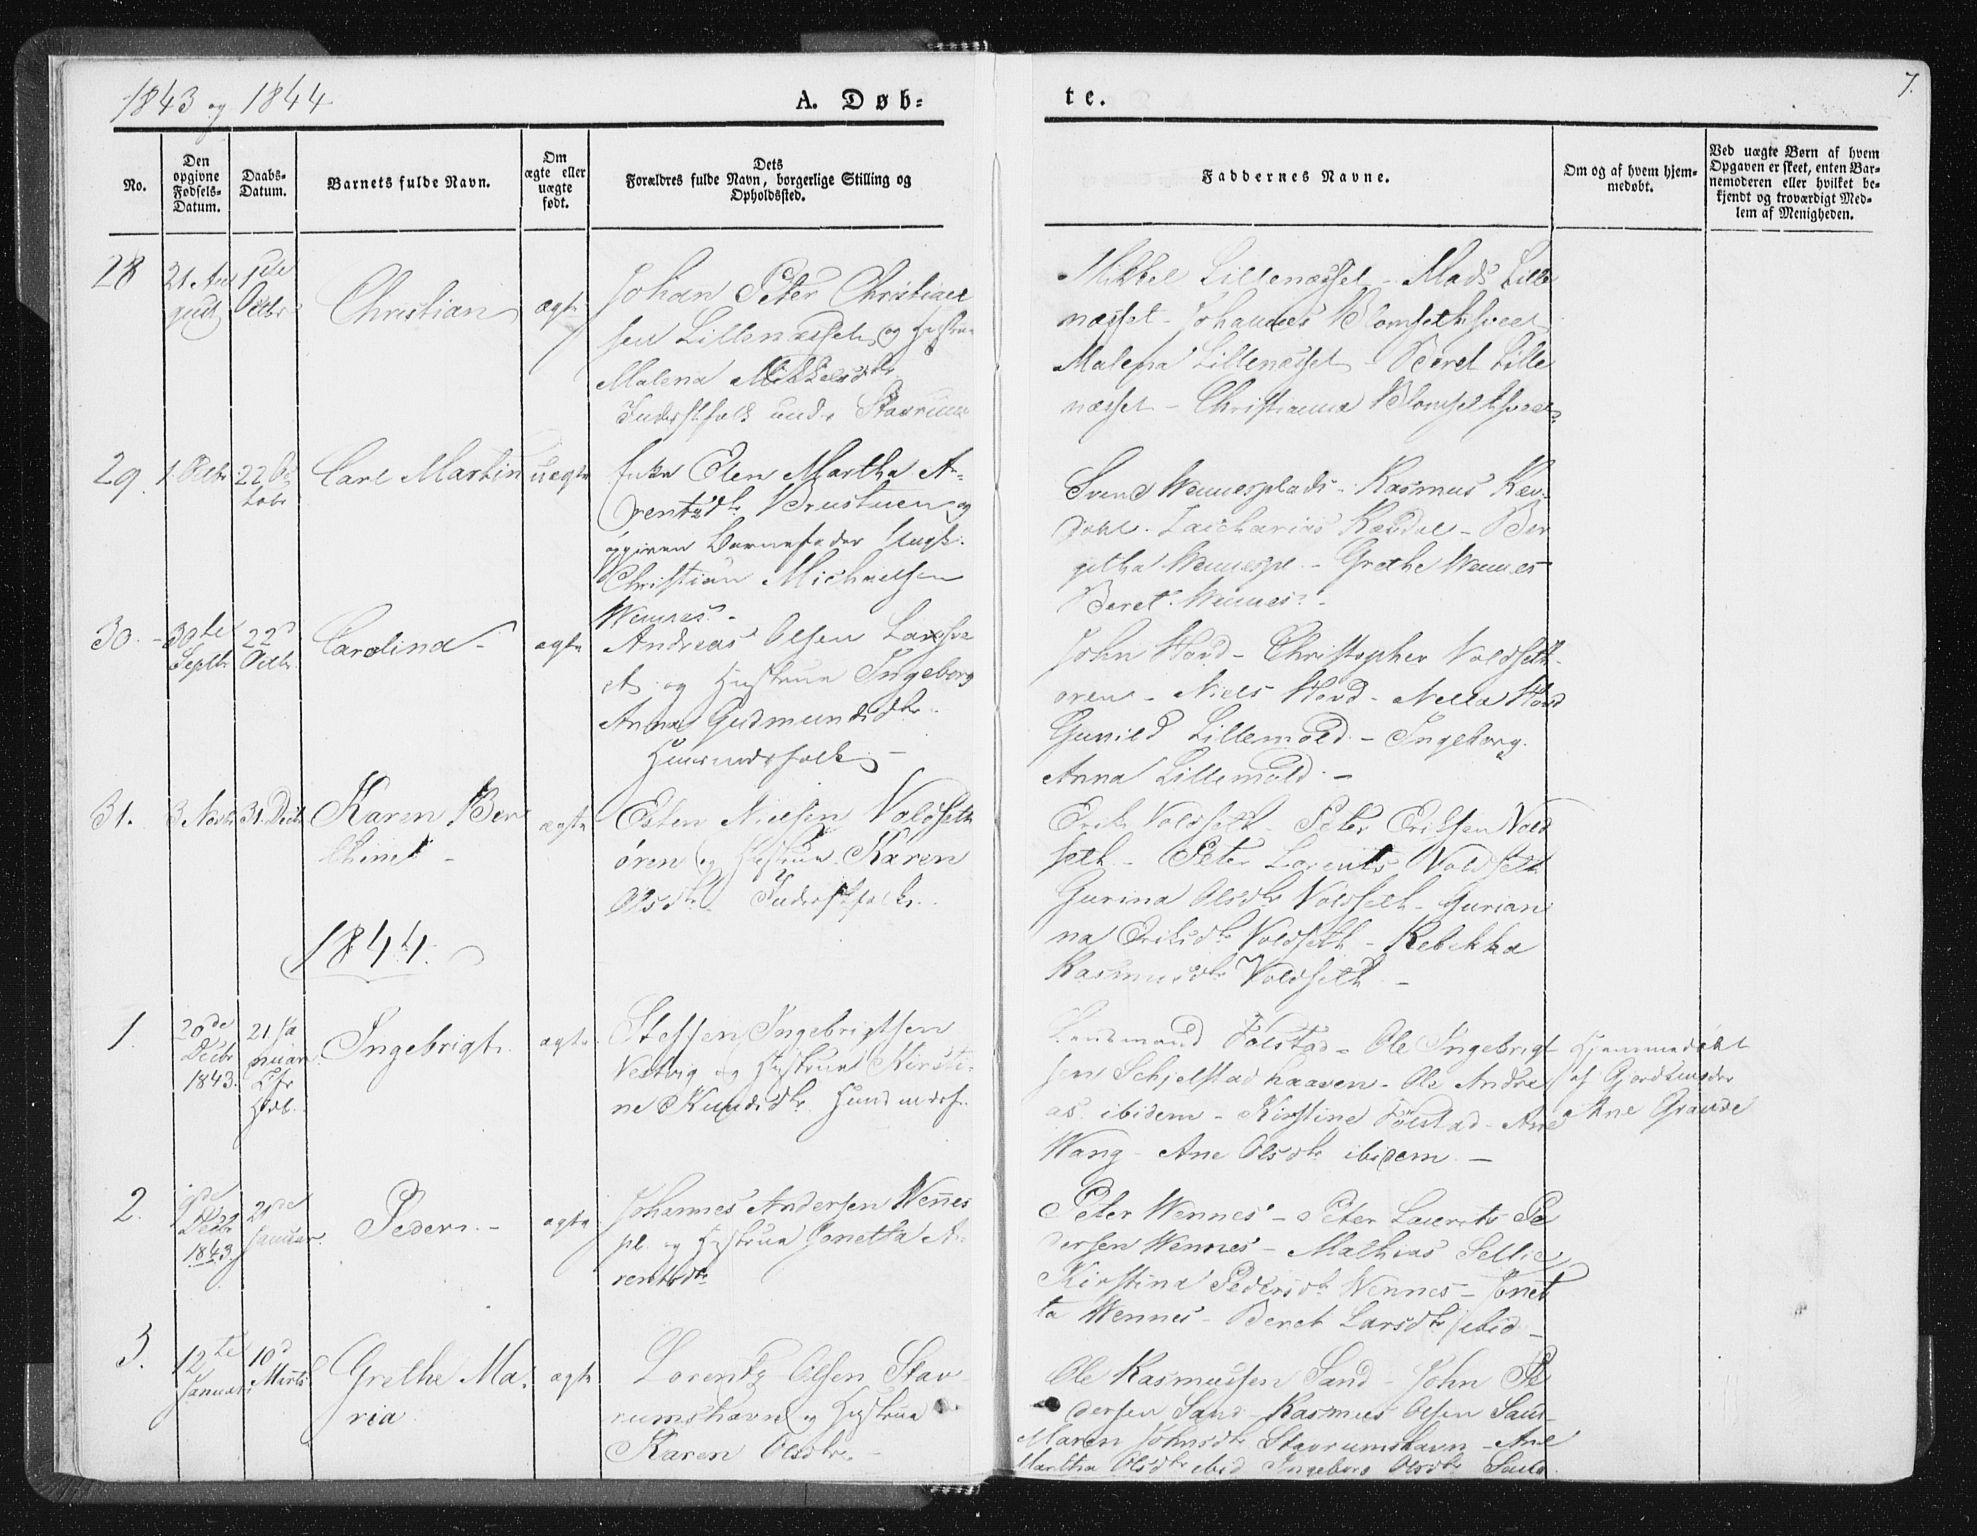 SAT, Ministerialprotokoller, klokkerbøker og fødselsregistre - Nord-Trøndelag, 744/L0418: Ministerialbok nr. 744A02, 1843-1866, s. 7